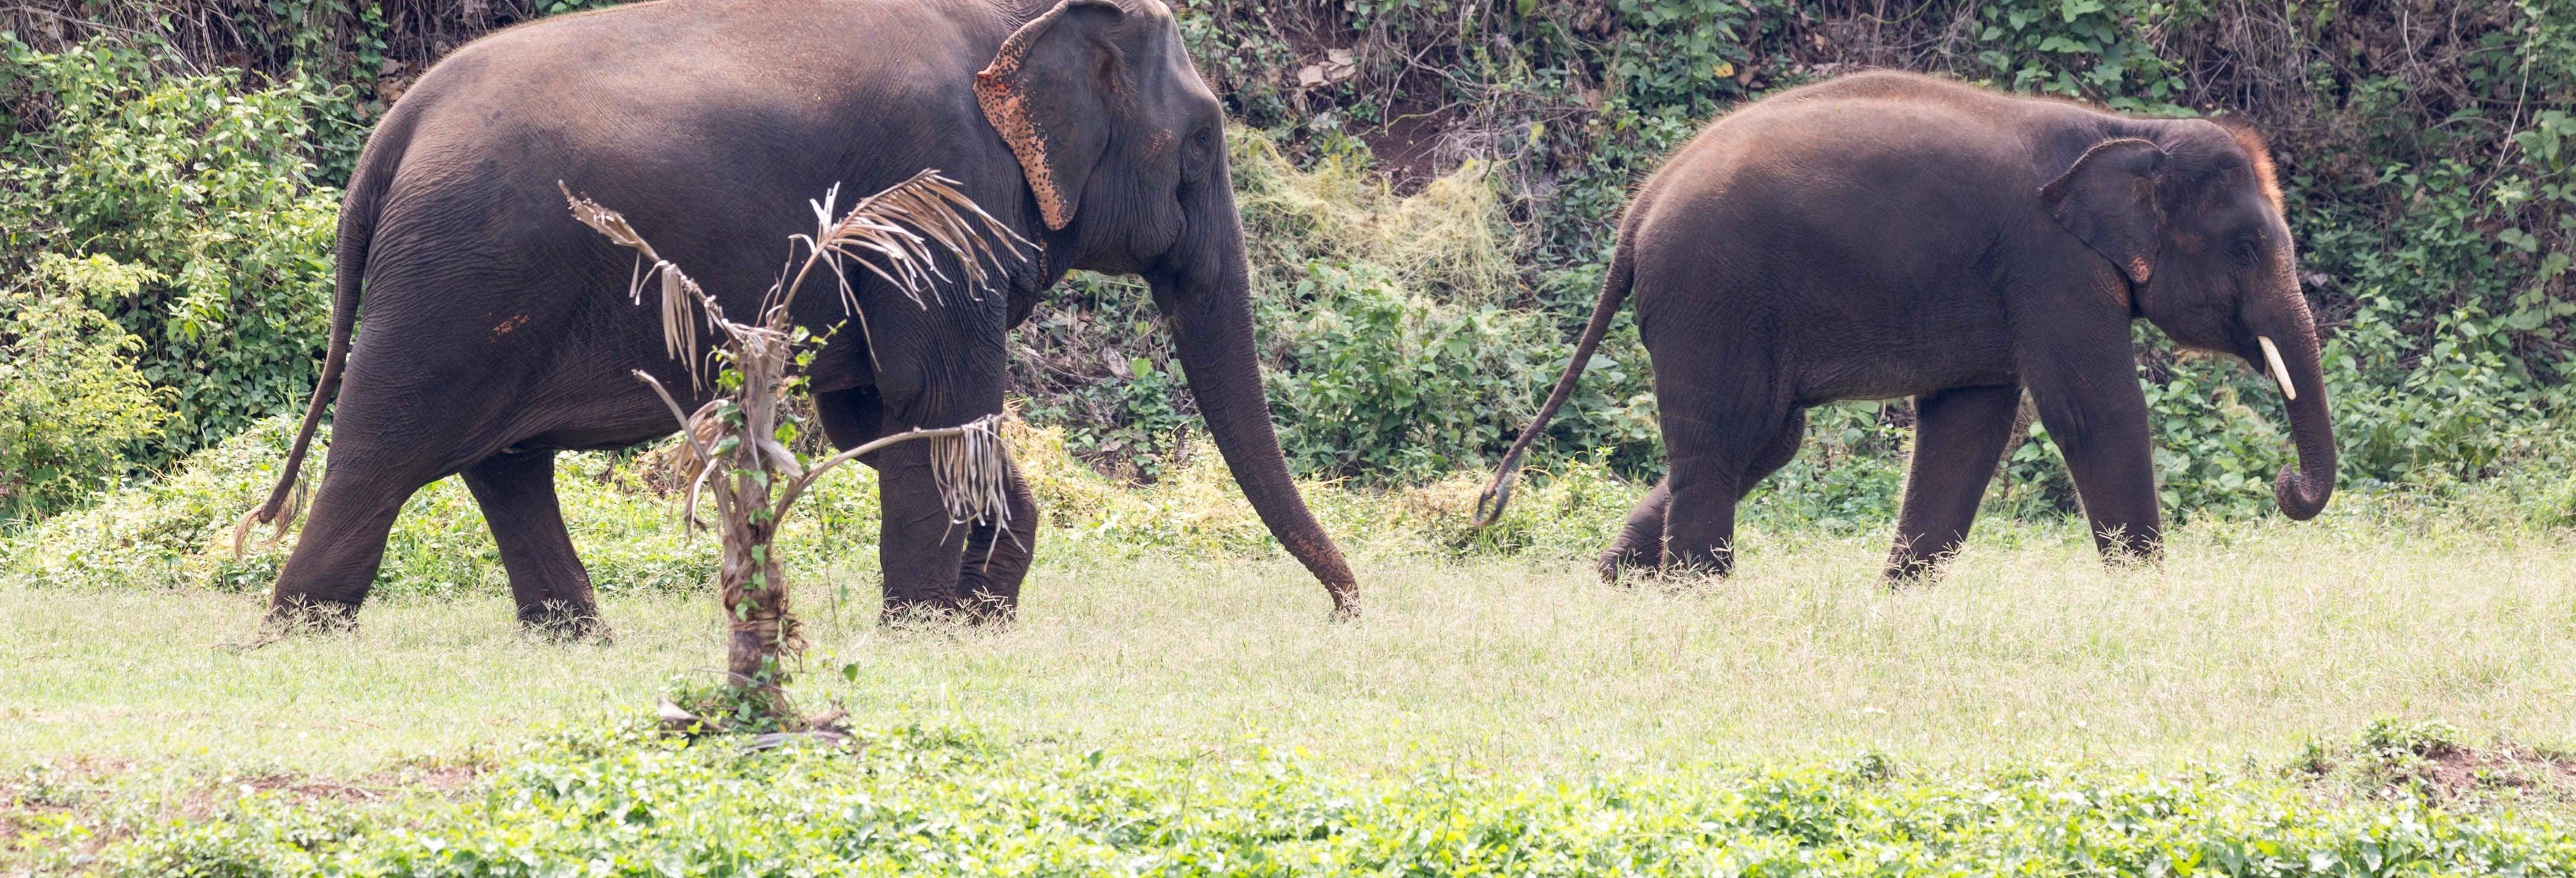 Excursión al santuario de elefantes de Khao Lak